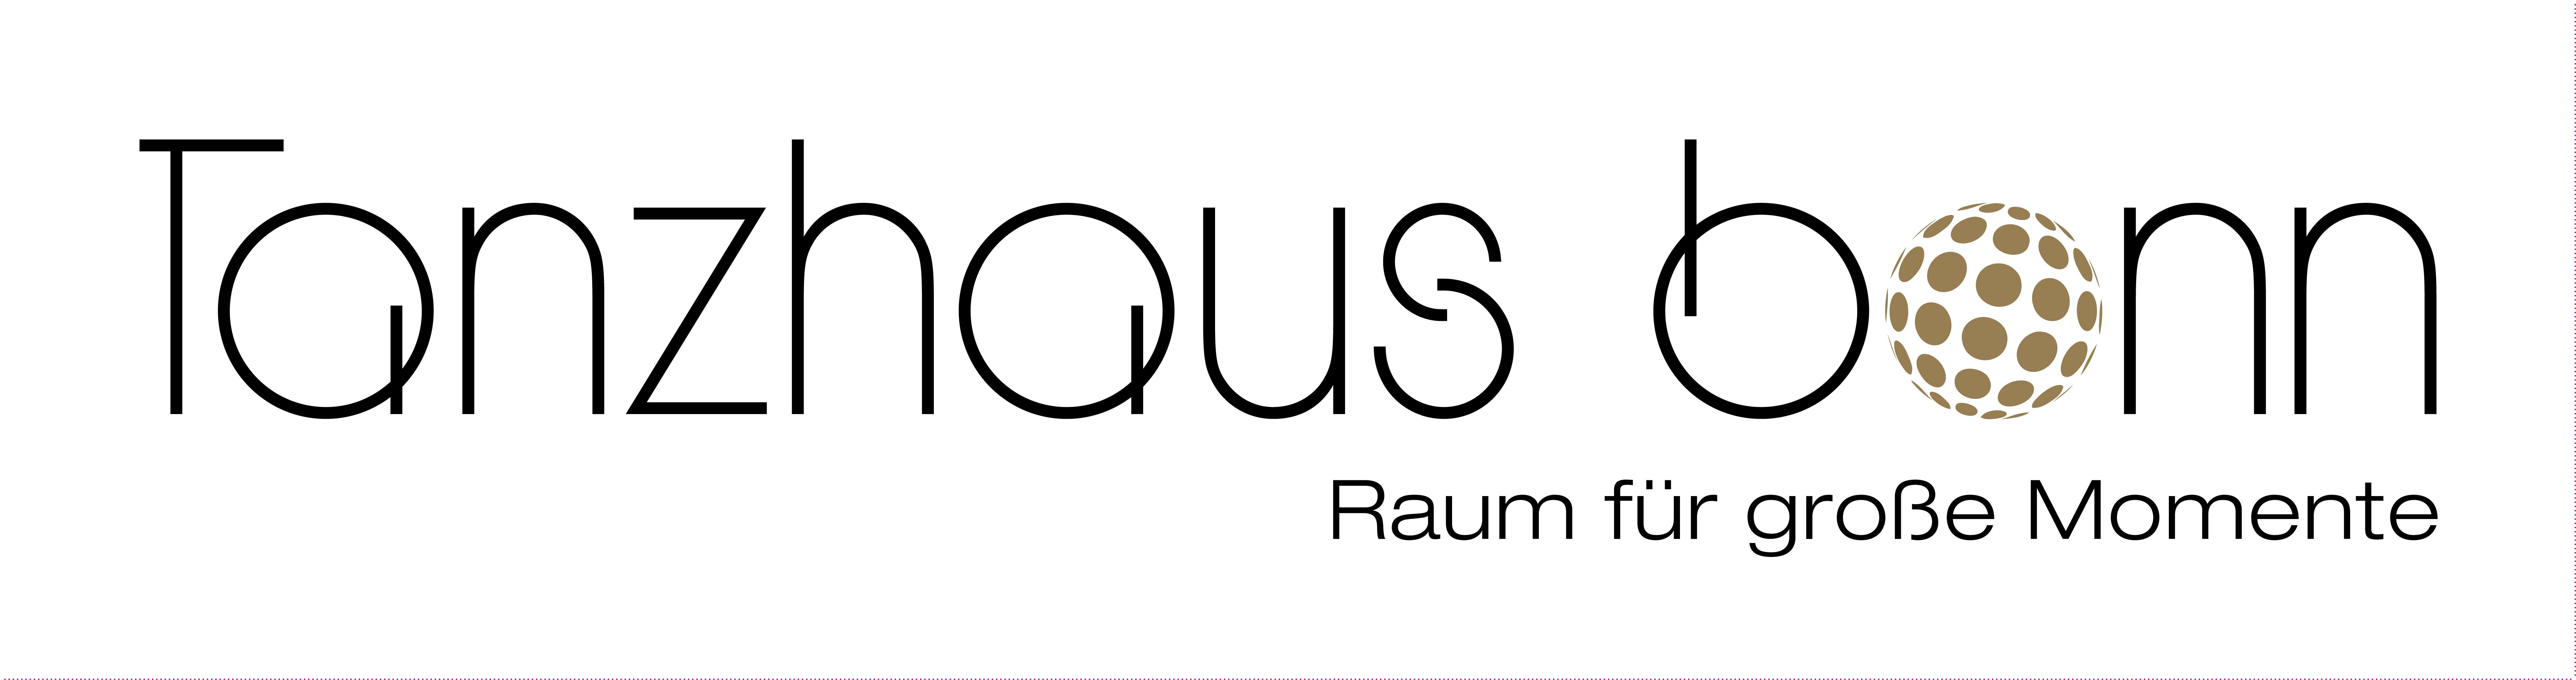 traudich_tanzhaus-bonn_logo_hochzeitsmesse_köln